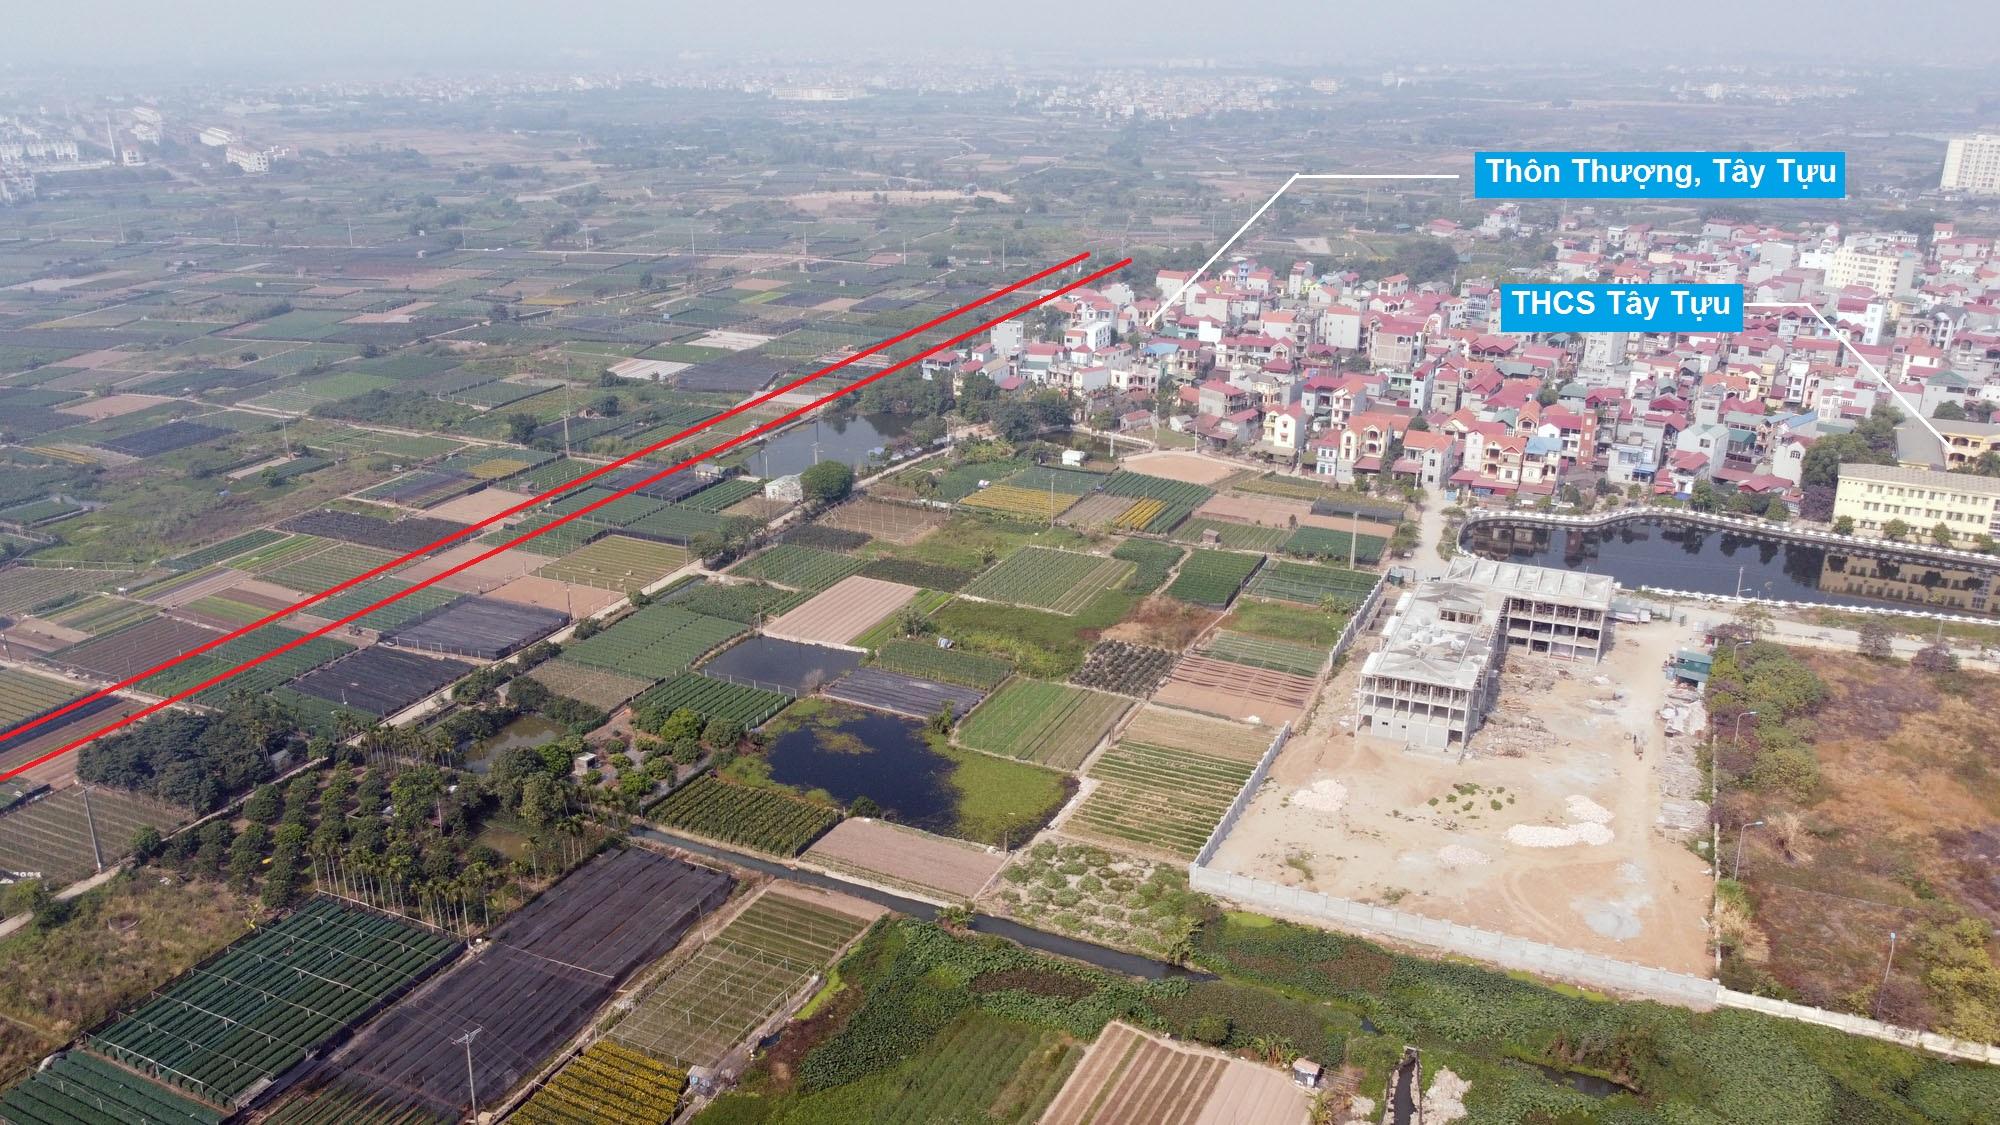 Ba đường sẽ mở theo qui hoạch ở phường Tây Tựu, Bắc Từ Liêm (phần 2) - Ảnh 5.